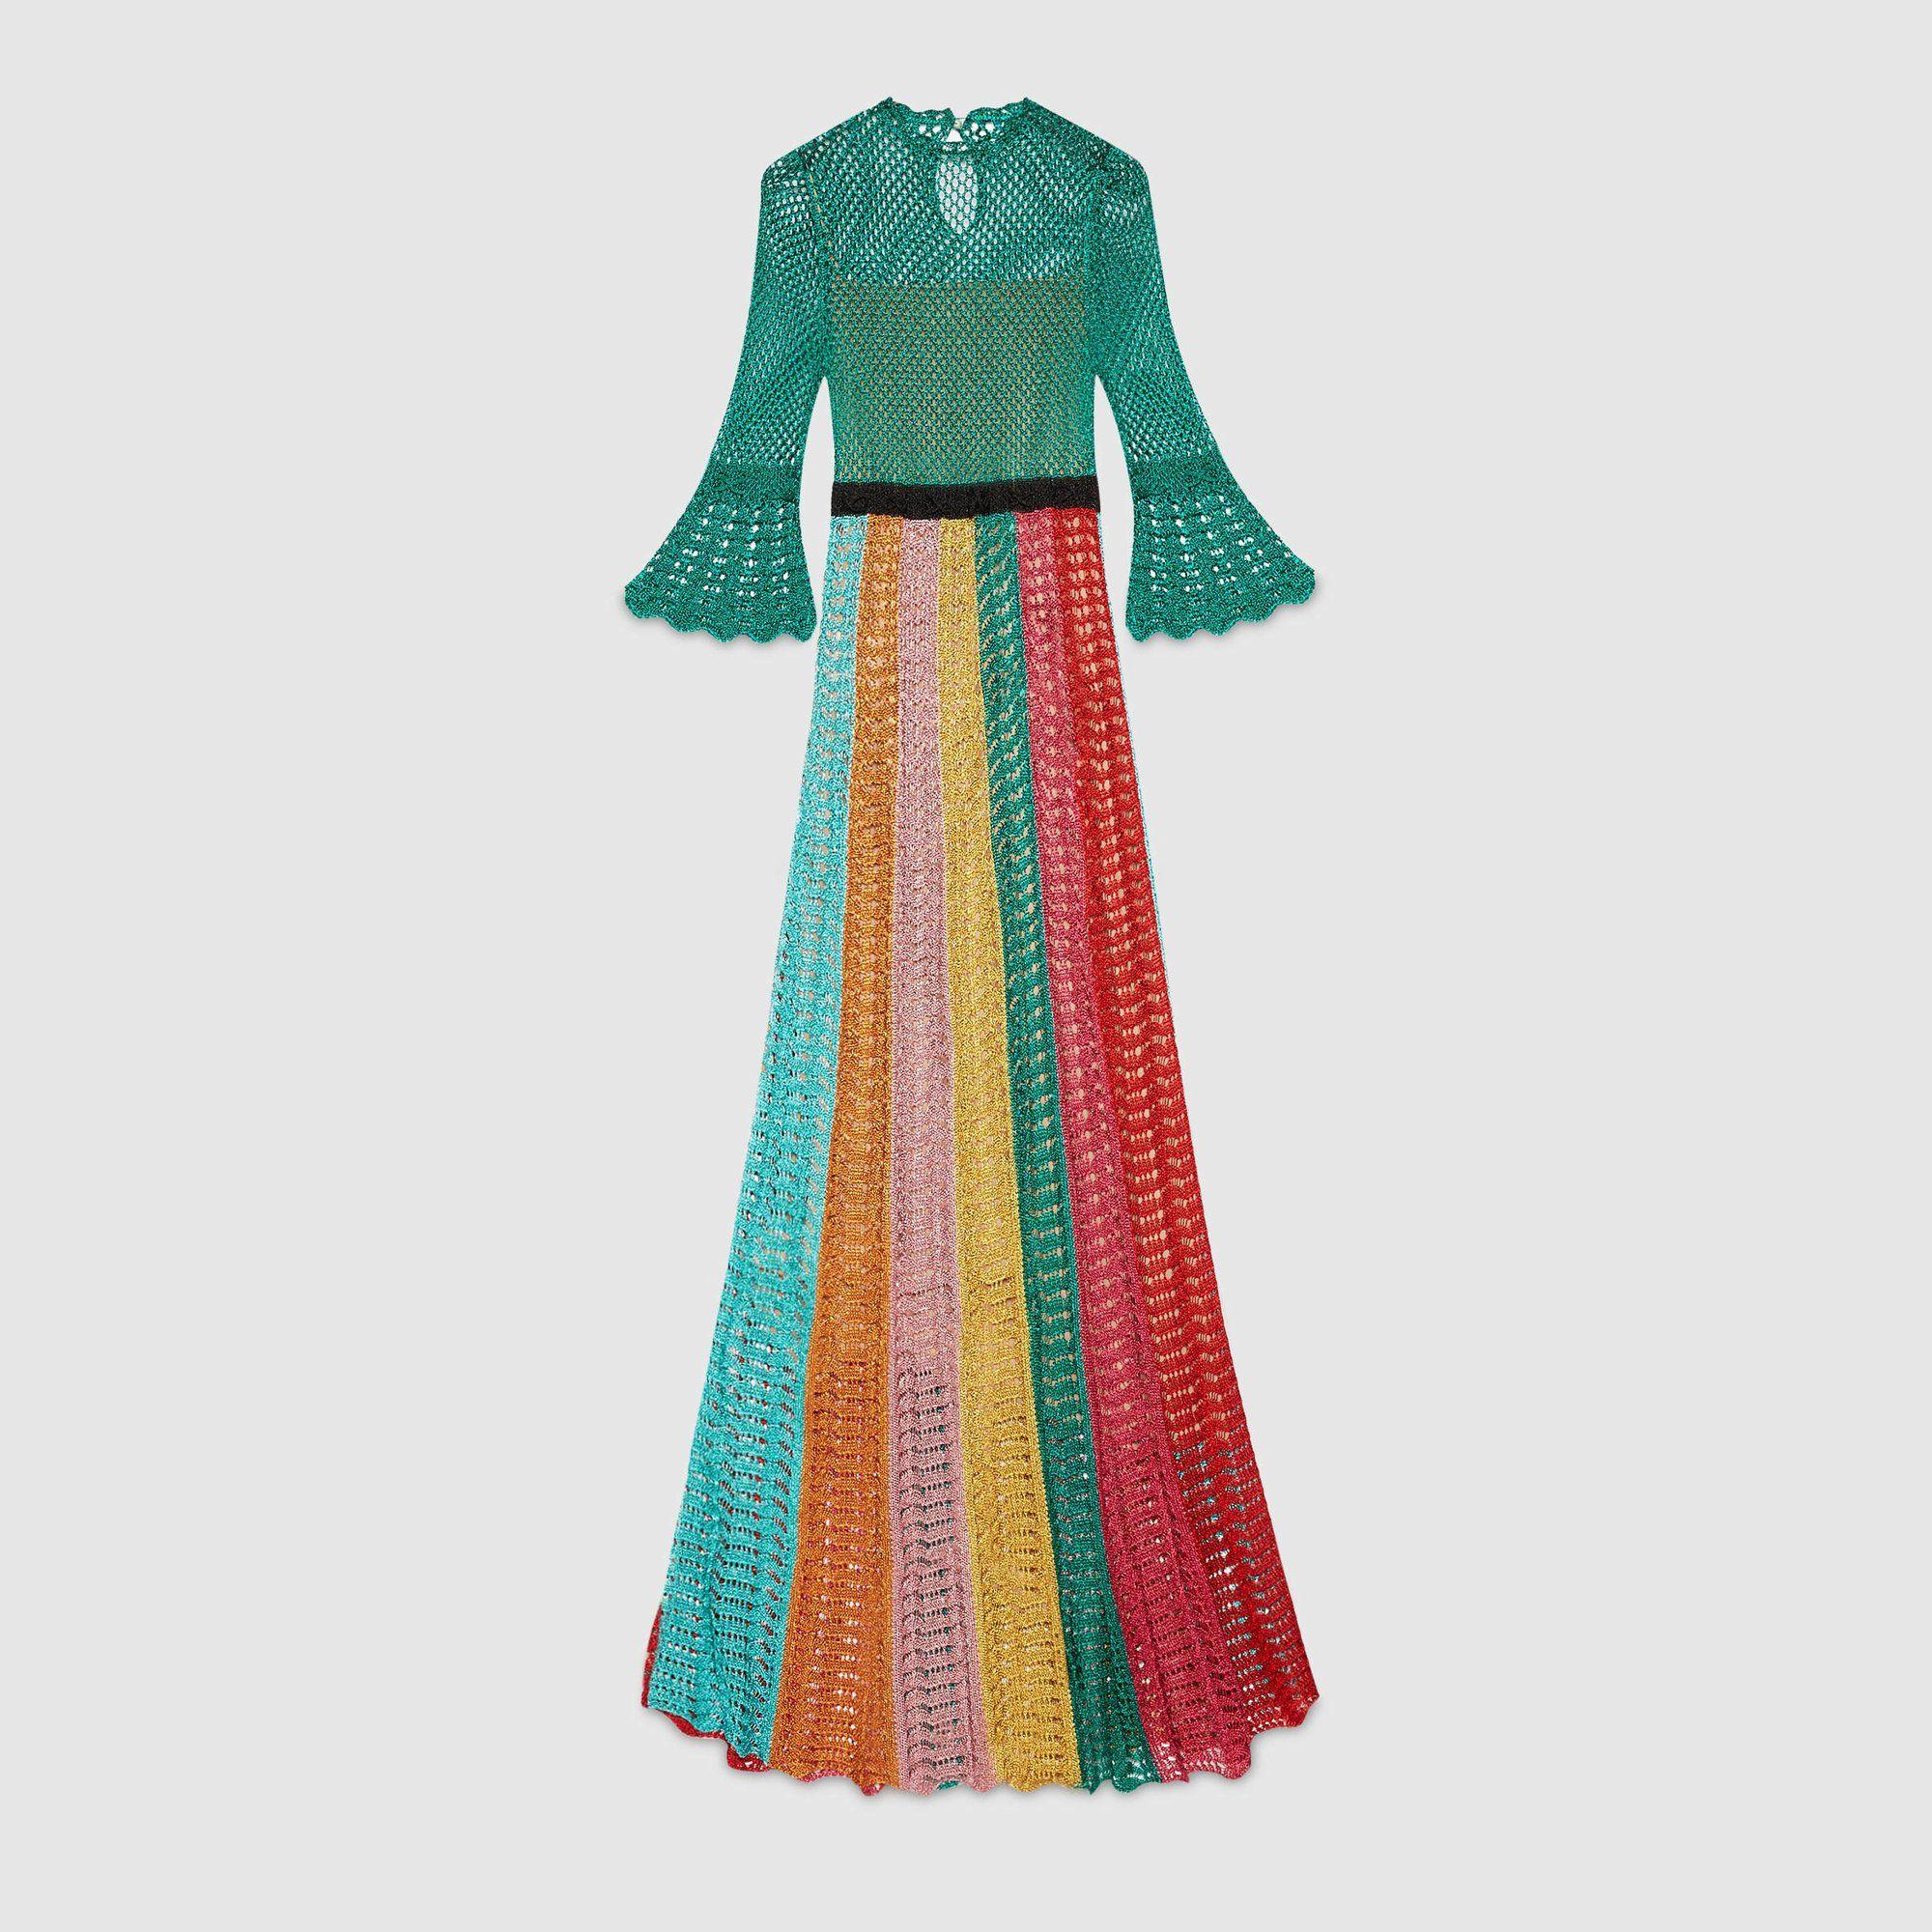 d6cc0fda6 Gucci Multi Stripe Lurex Knitted Crochet Dress in 2019   GUCCI ...